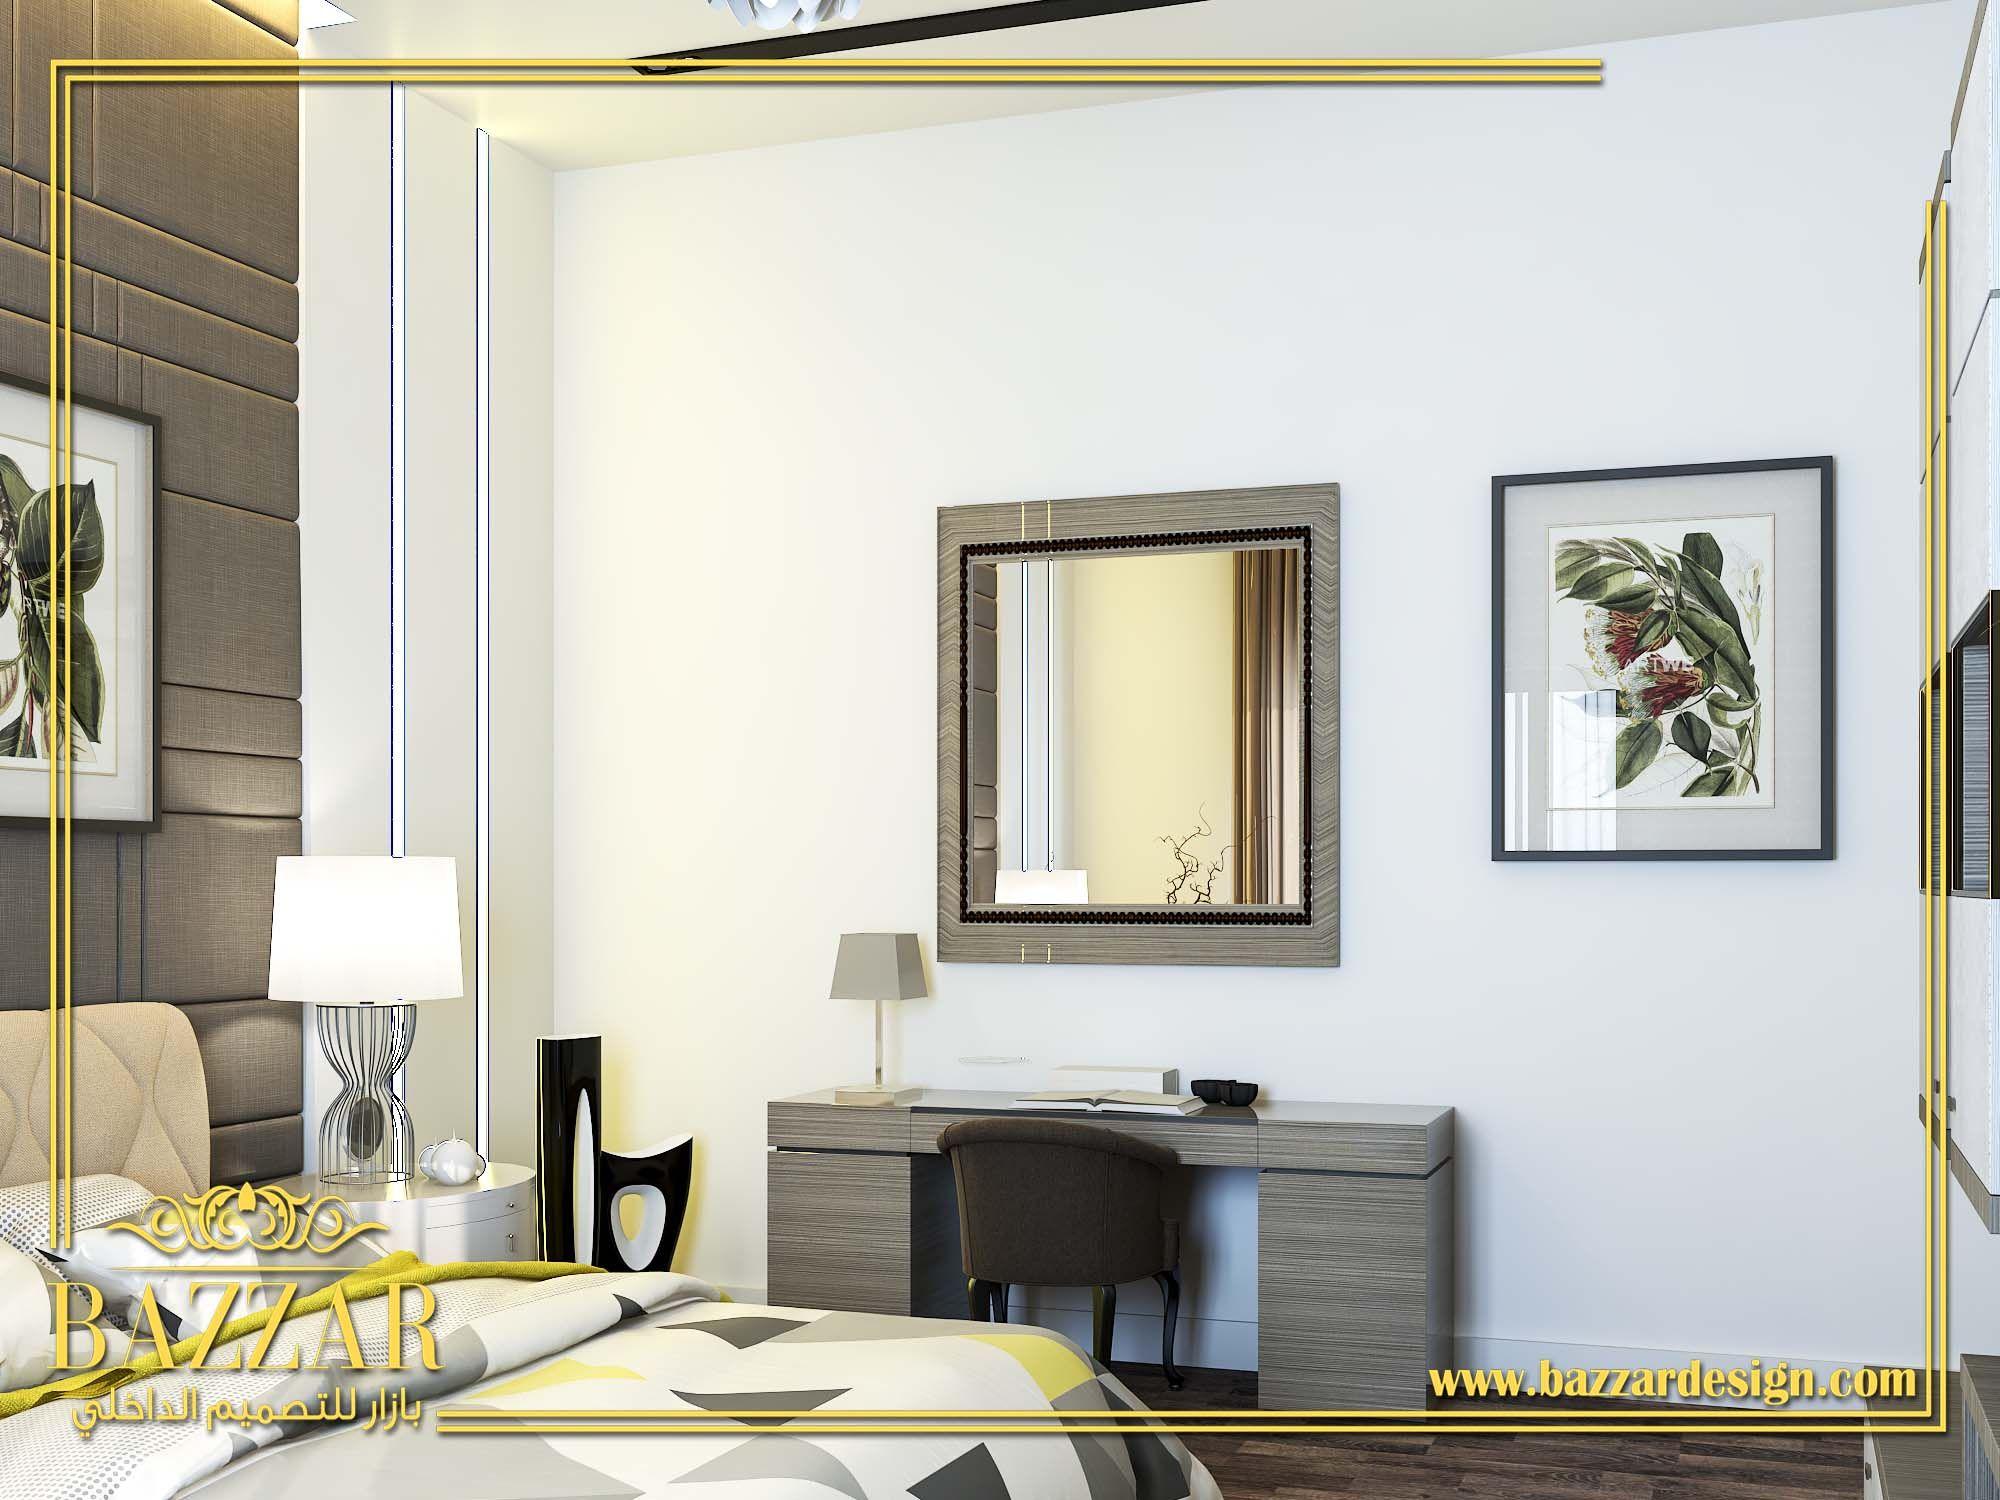 غرفه نوم بالون البيج مع ارضيات باركيه واضاءه عاليه وتصميم مميز وعصري Beige Bedroom With Parquet Flooring High Light Distinctive A Home Decor Home Furniture